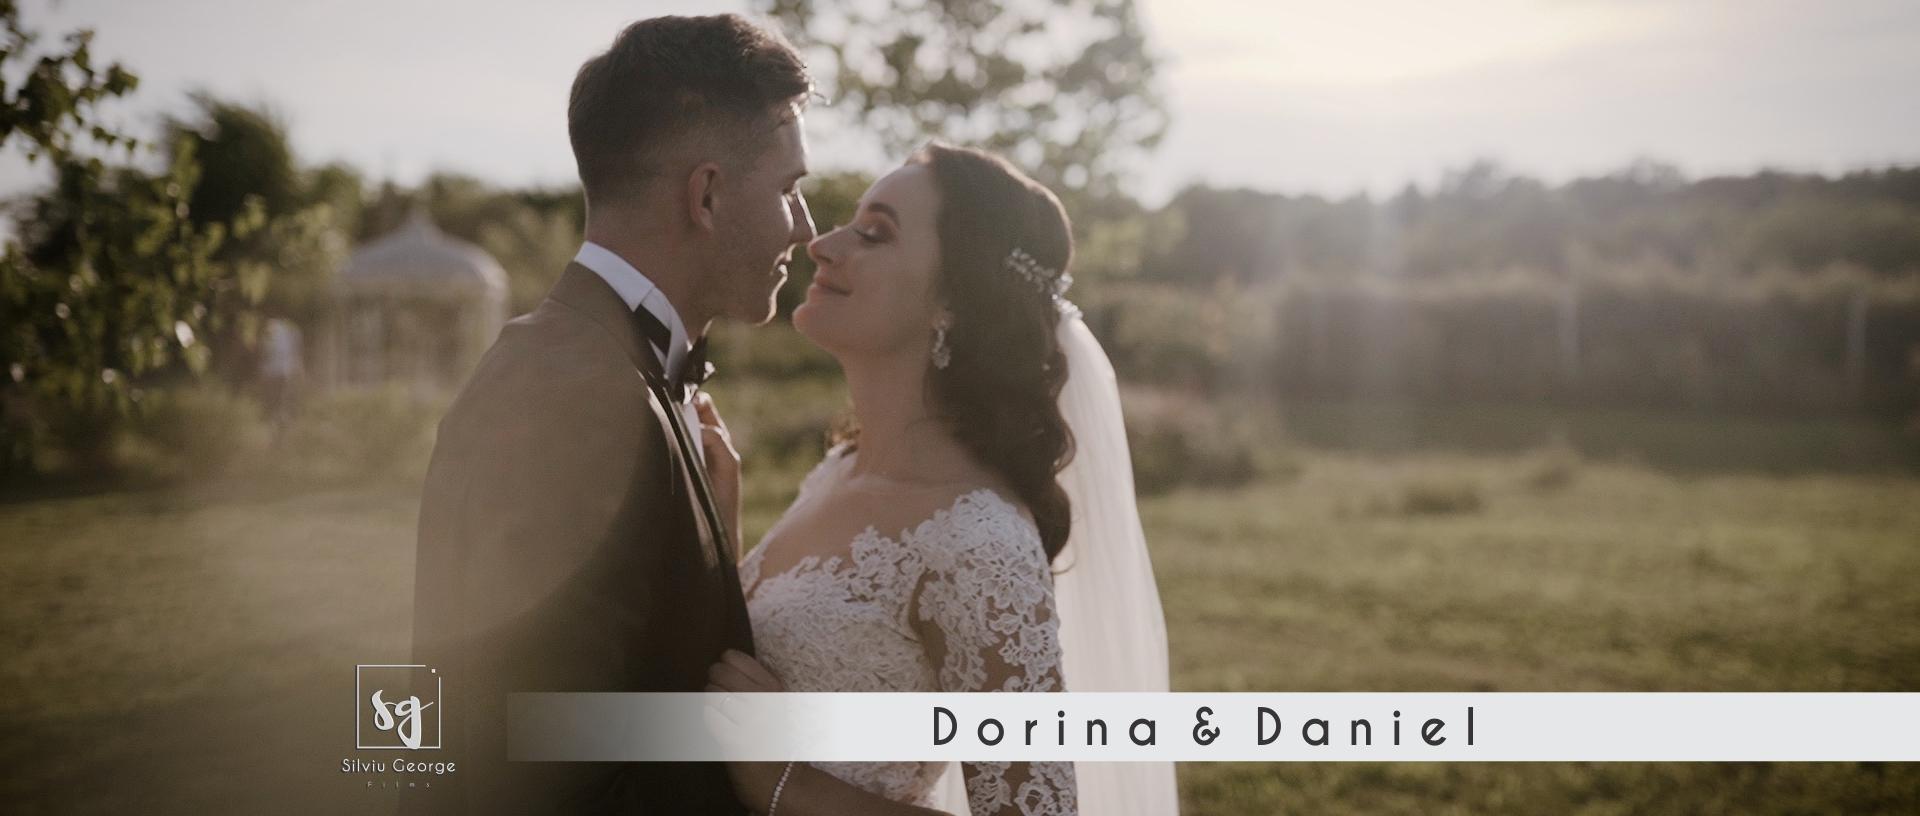 Dorina & Daniel